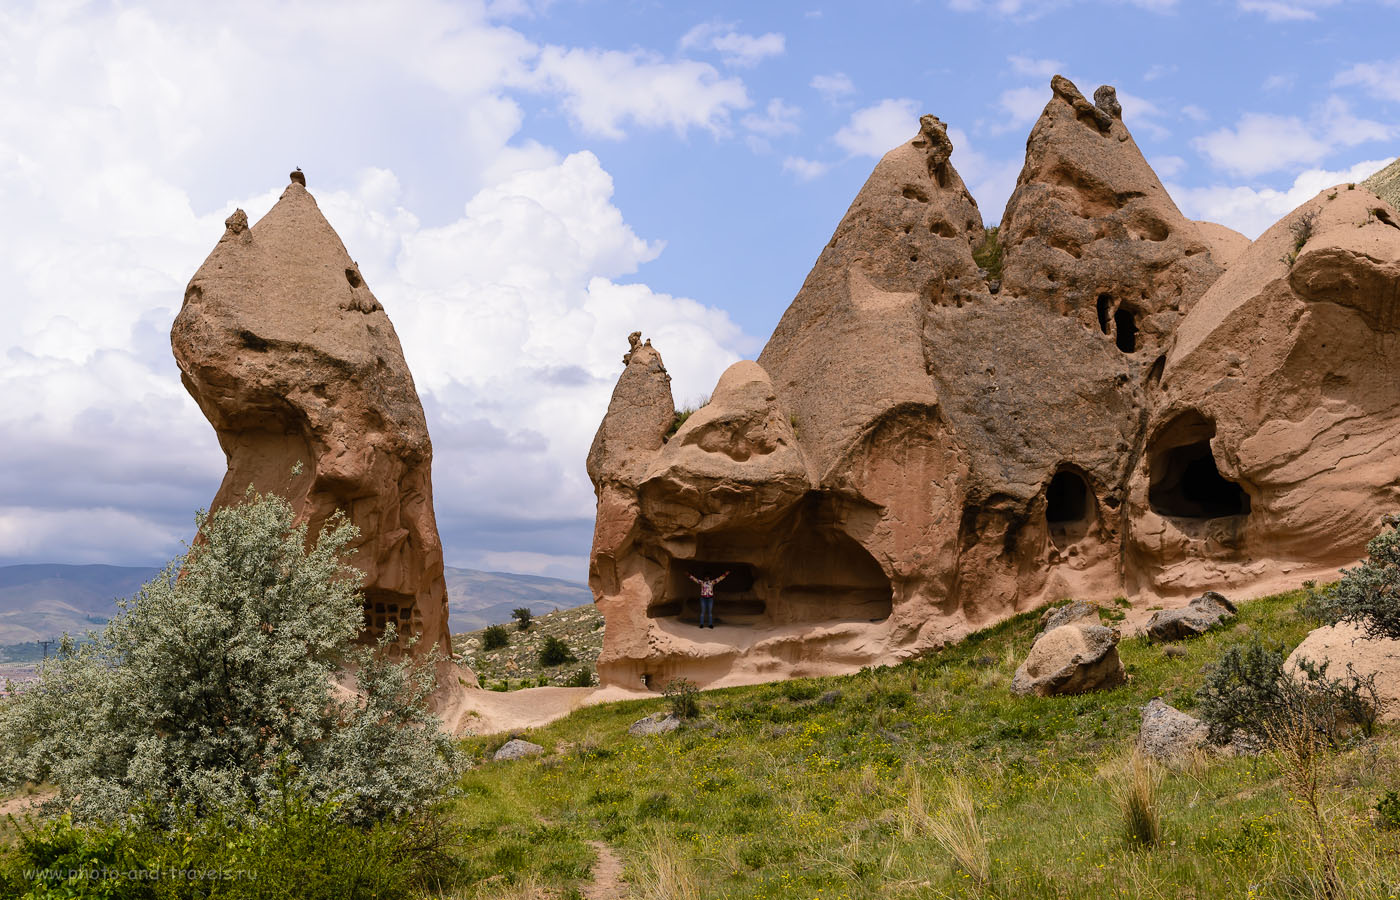 Фото 13. Пещеры в долине Зельве. Что можно посмотреть в Каппадокии. Отчеты туристов об отдыхе в Турции дикарями. 1/1250, -1.0, 8.0, 160, 48.